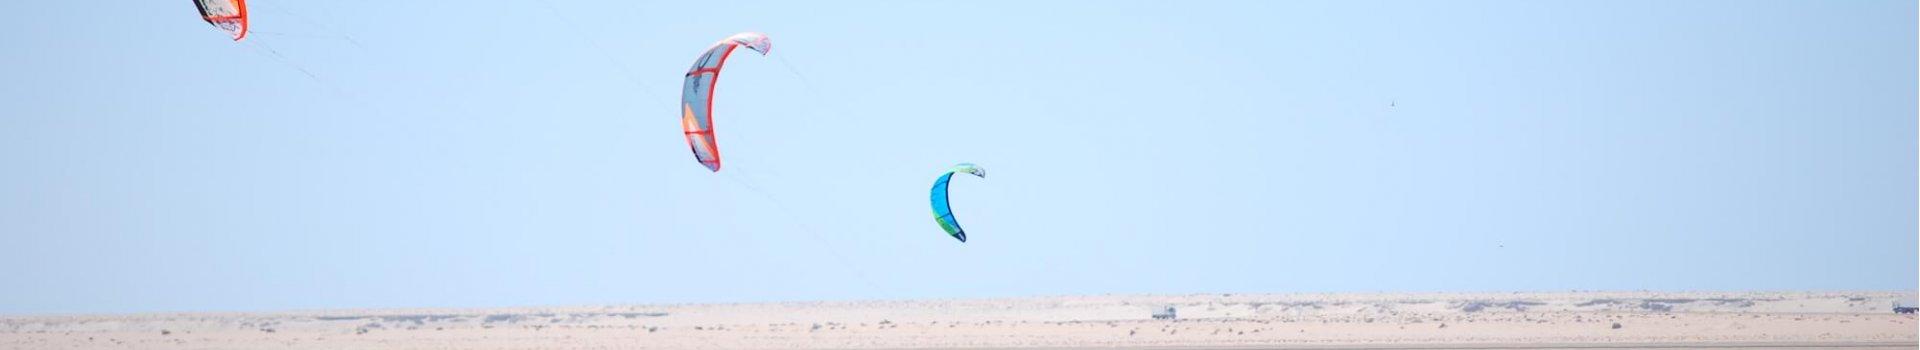 Kitesurfing: jak dobrać niezbędny sprzęt?